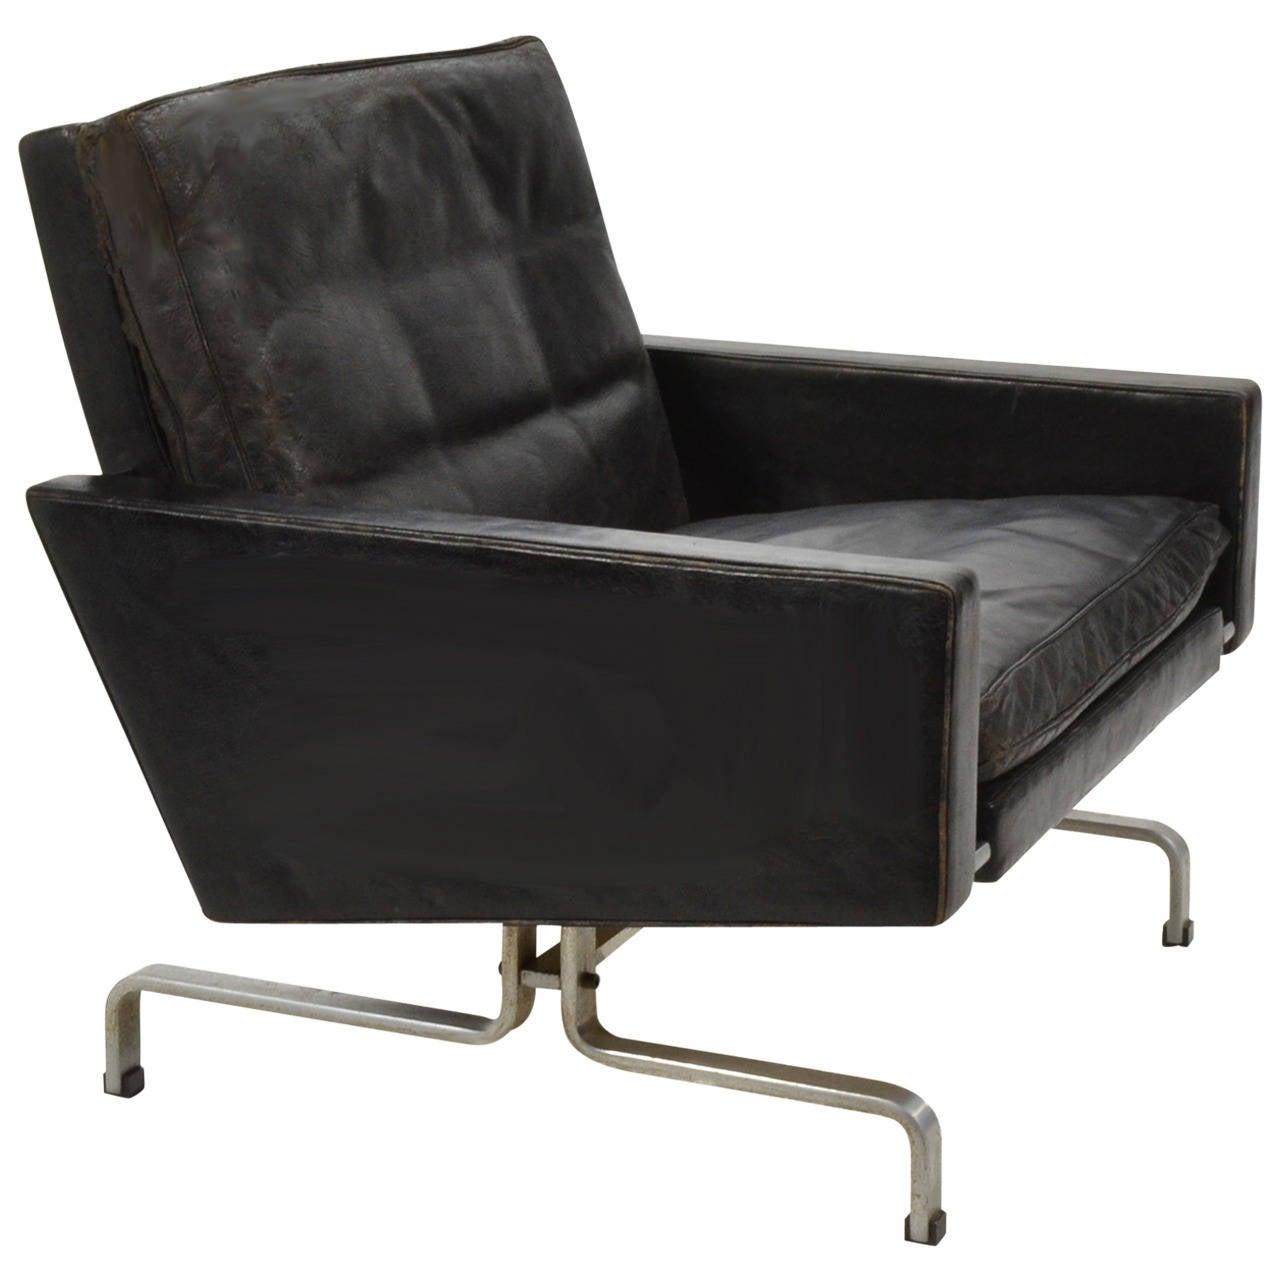 Poul Kjaerholm Pk 31 1 Lounge Chair By E Kold Christensen